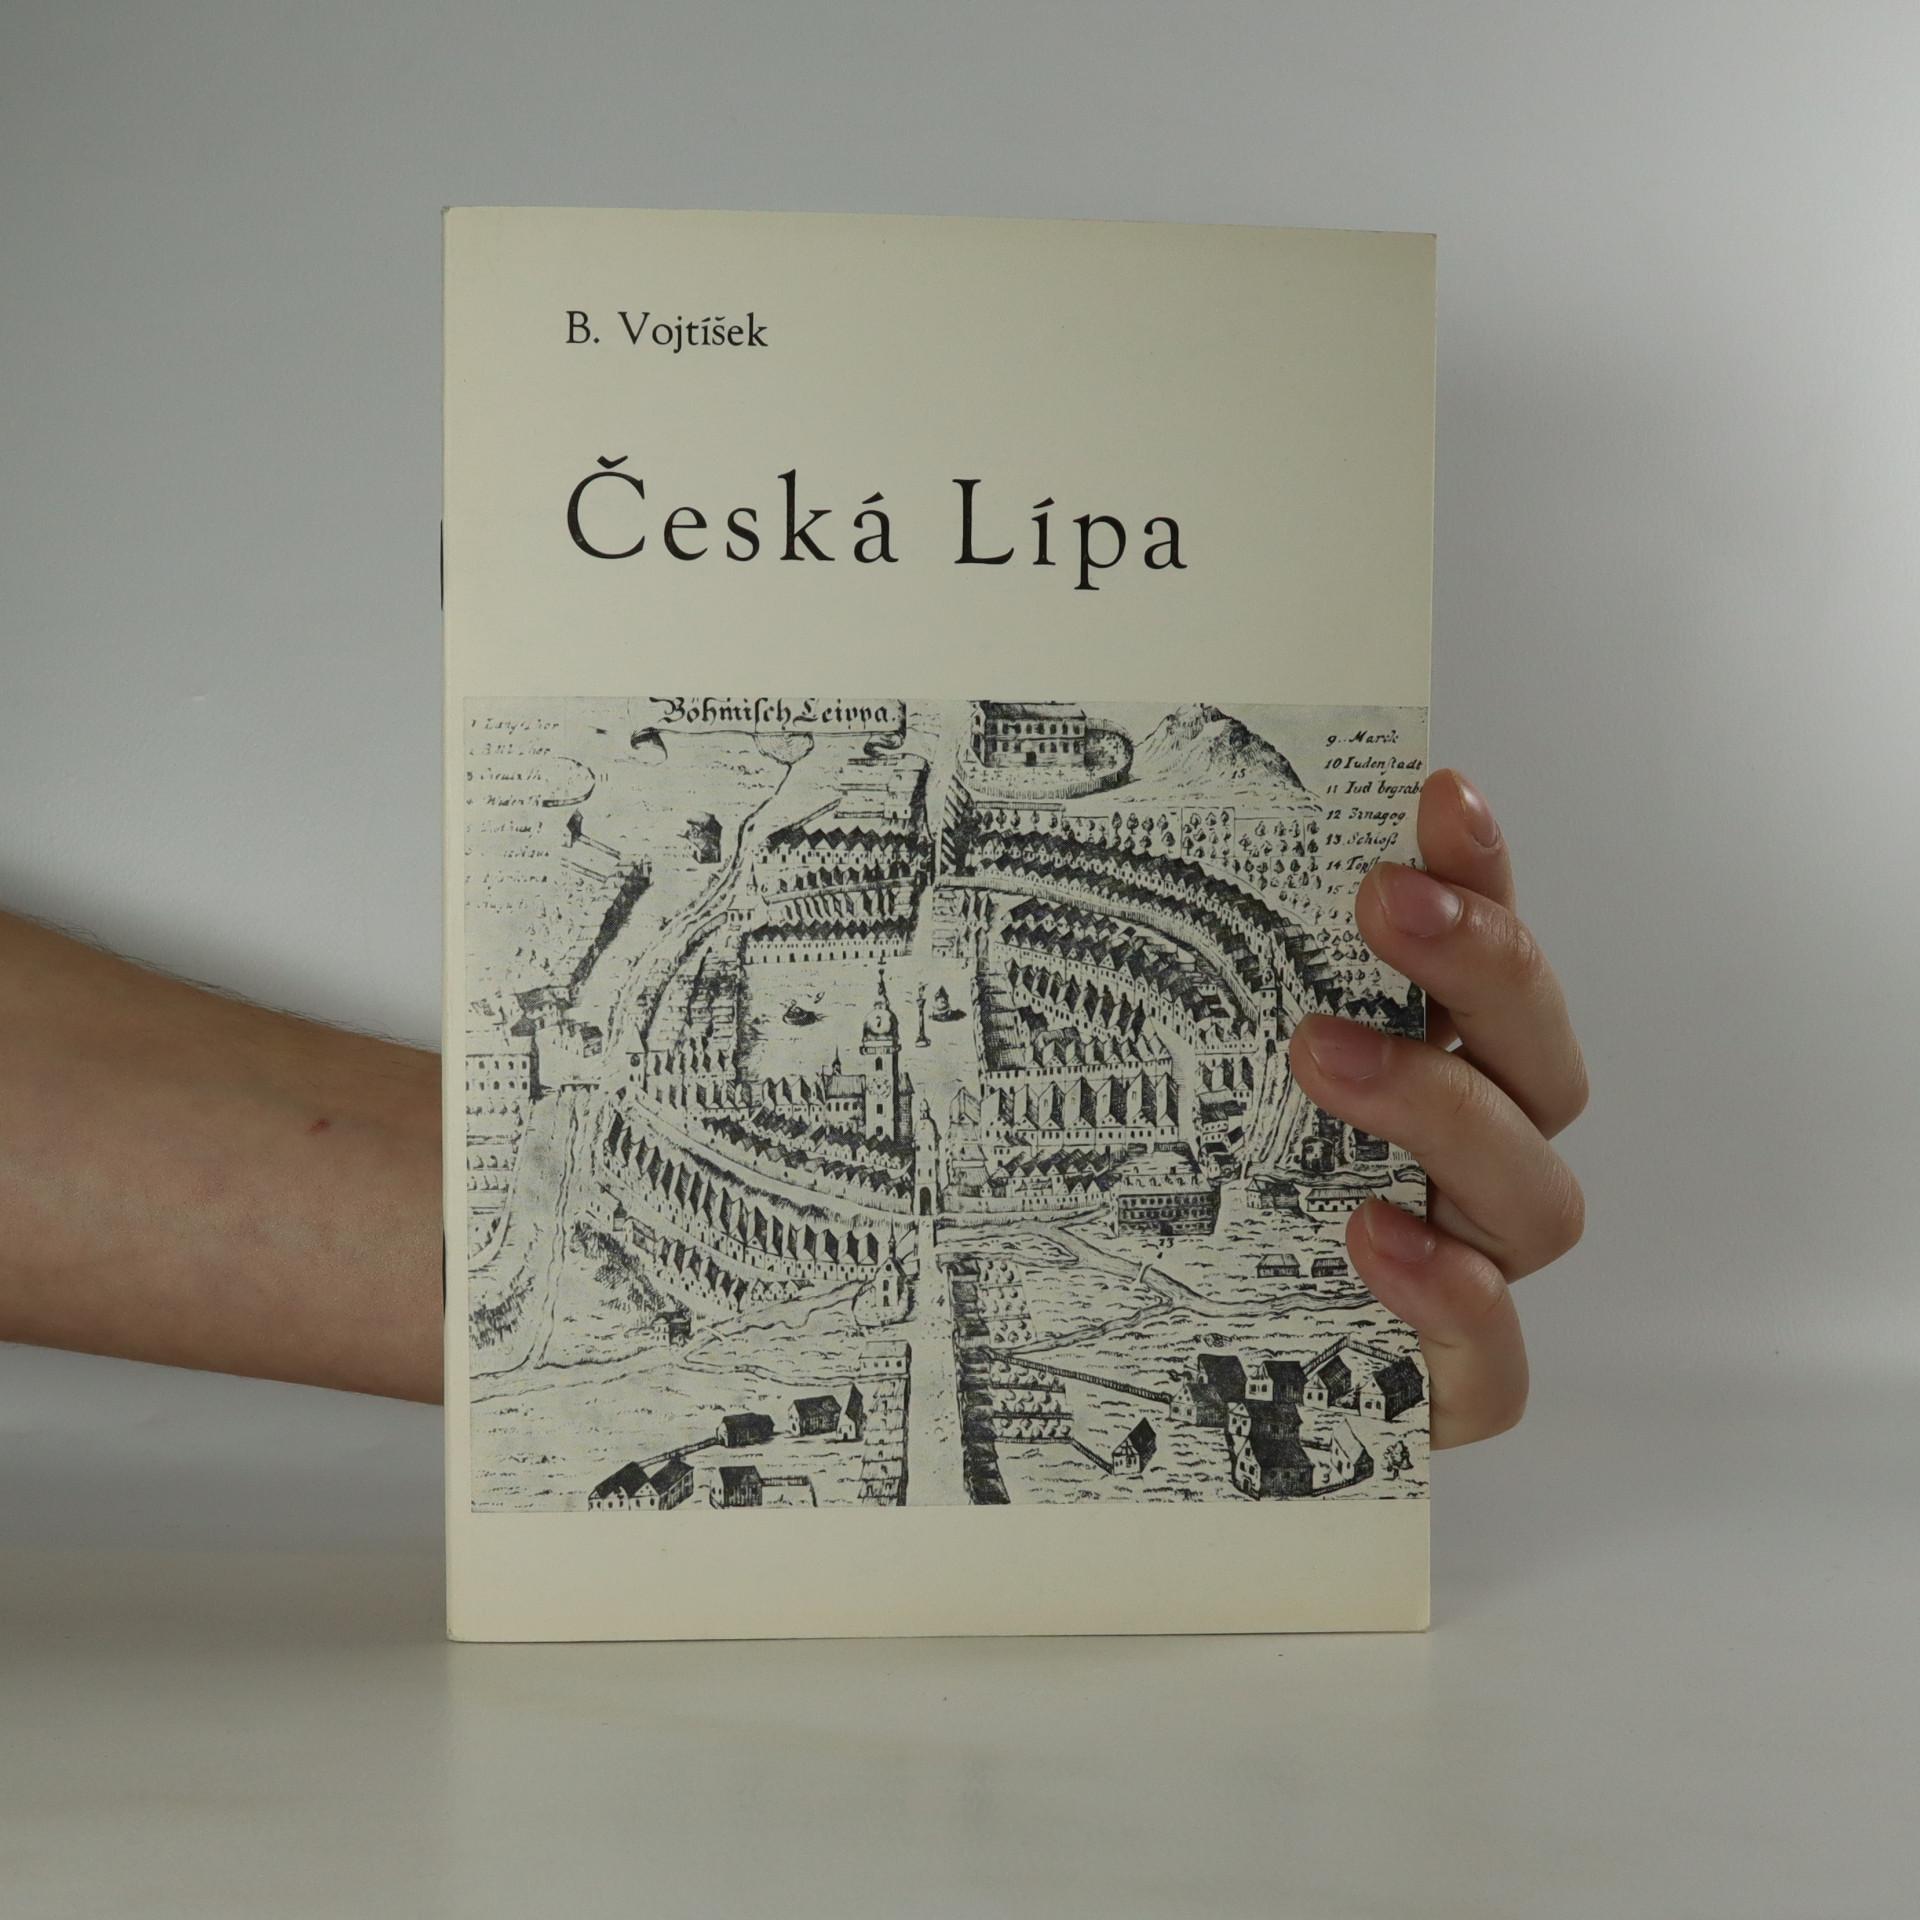 antikvární kniha Česká Lípa. Stručný průvodce sedmi stoletími, 1982